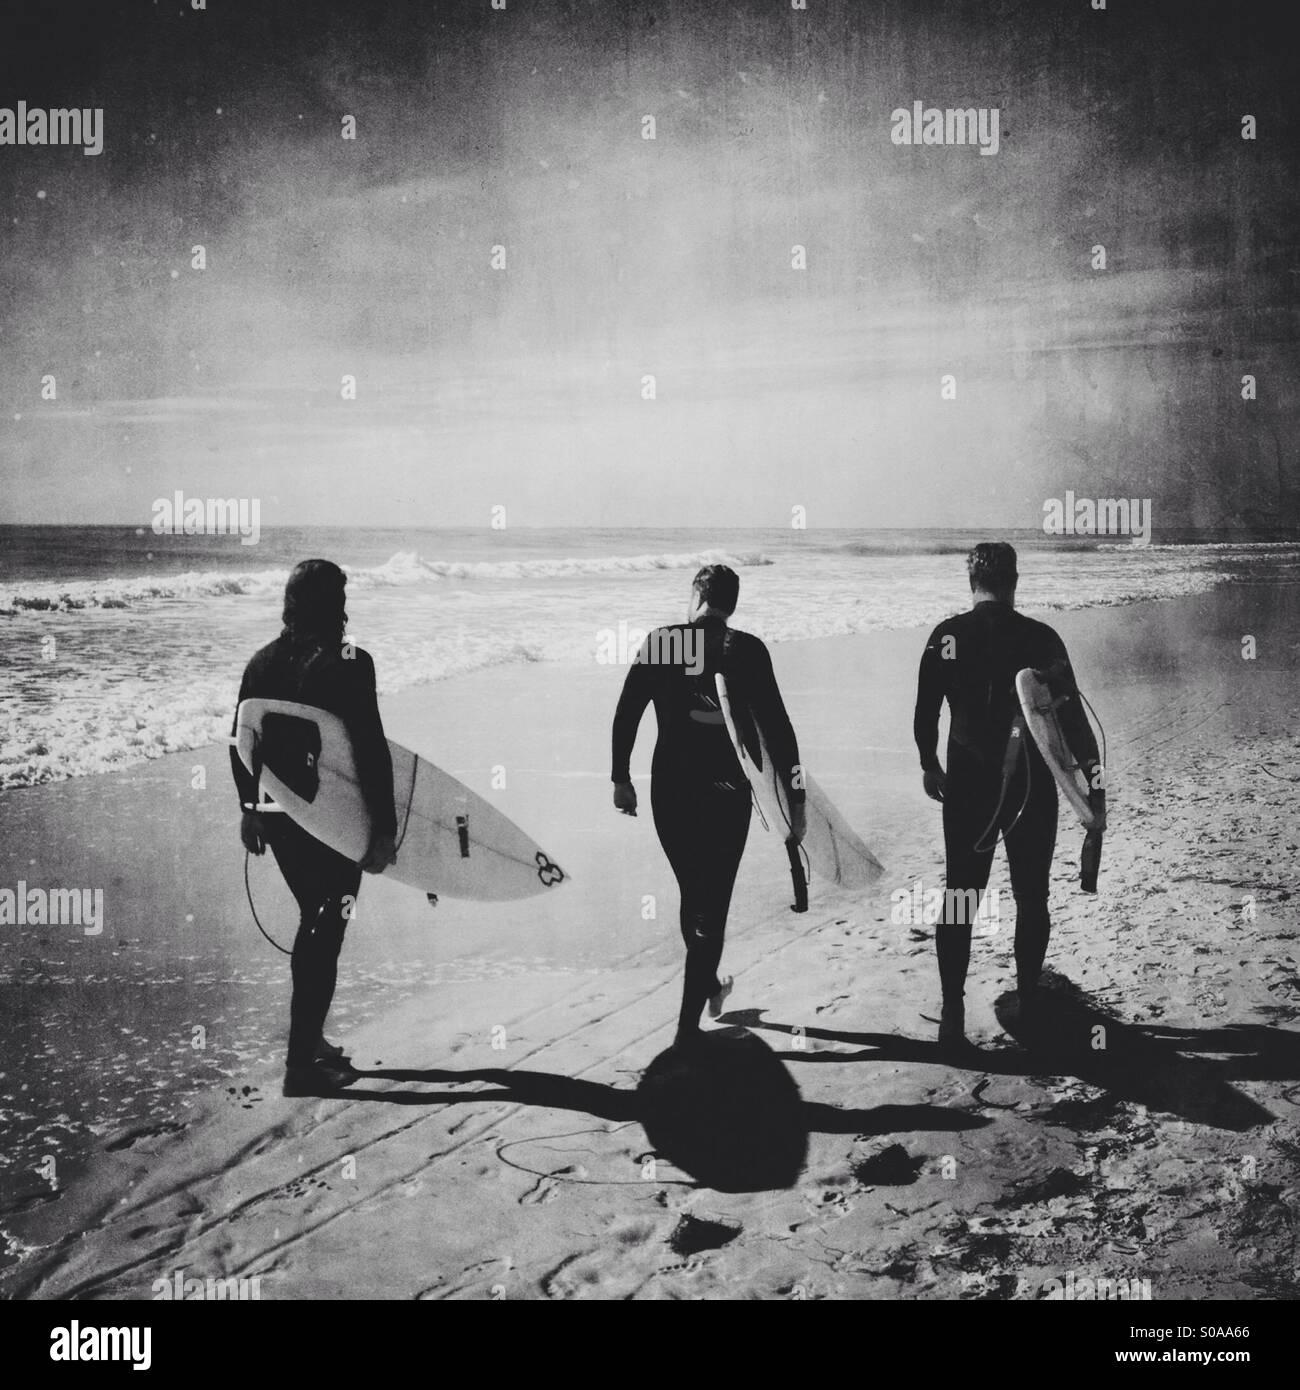 Trois surfeurs marchant sur la plage. Photo Stock